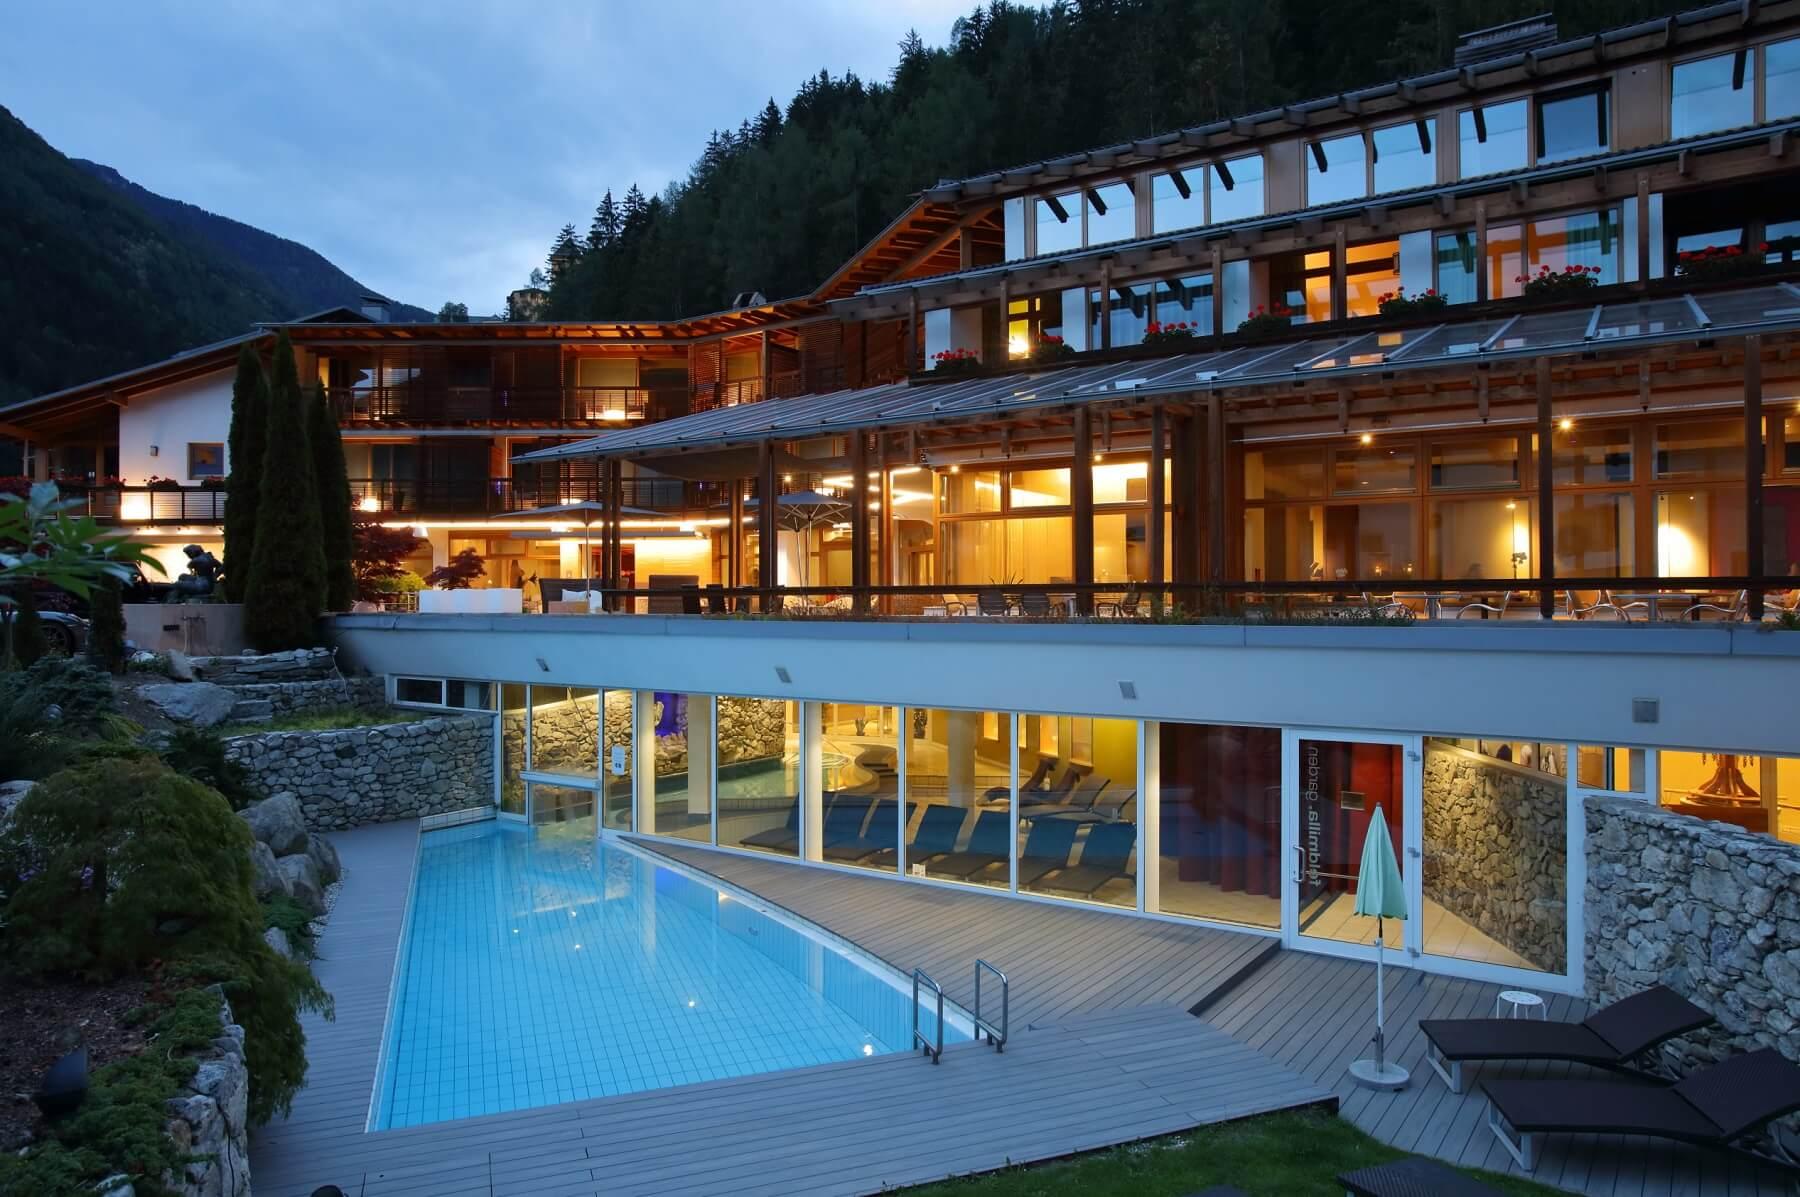 Offerte feldmilla designhotel a campo tures valle aurina for Offerte soggiorno in trentino alto adige